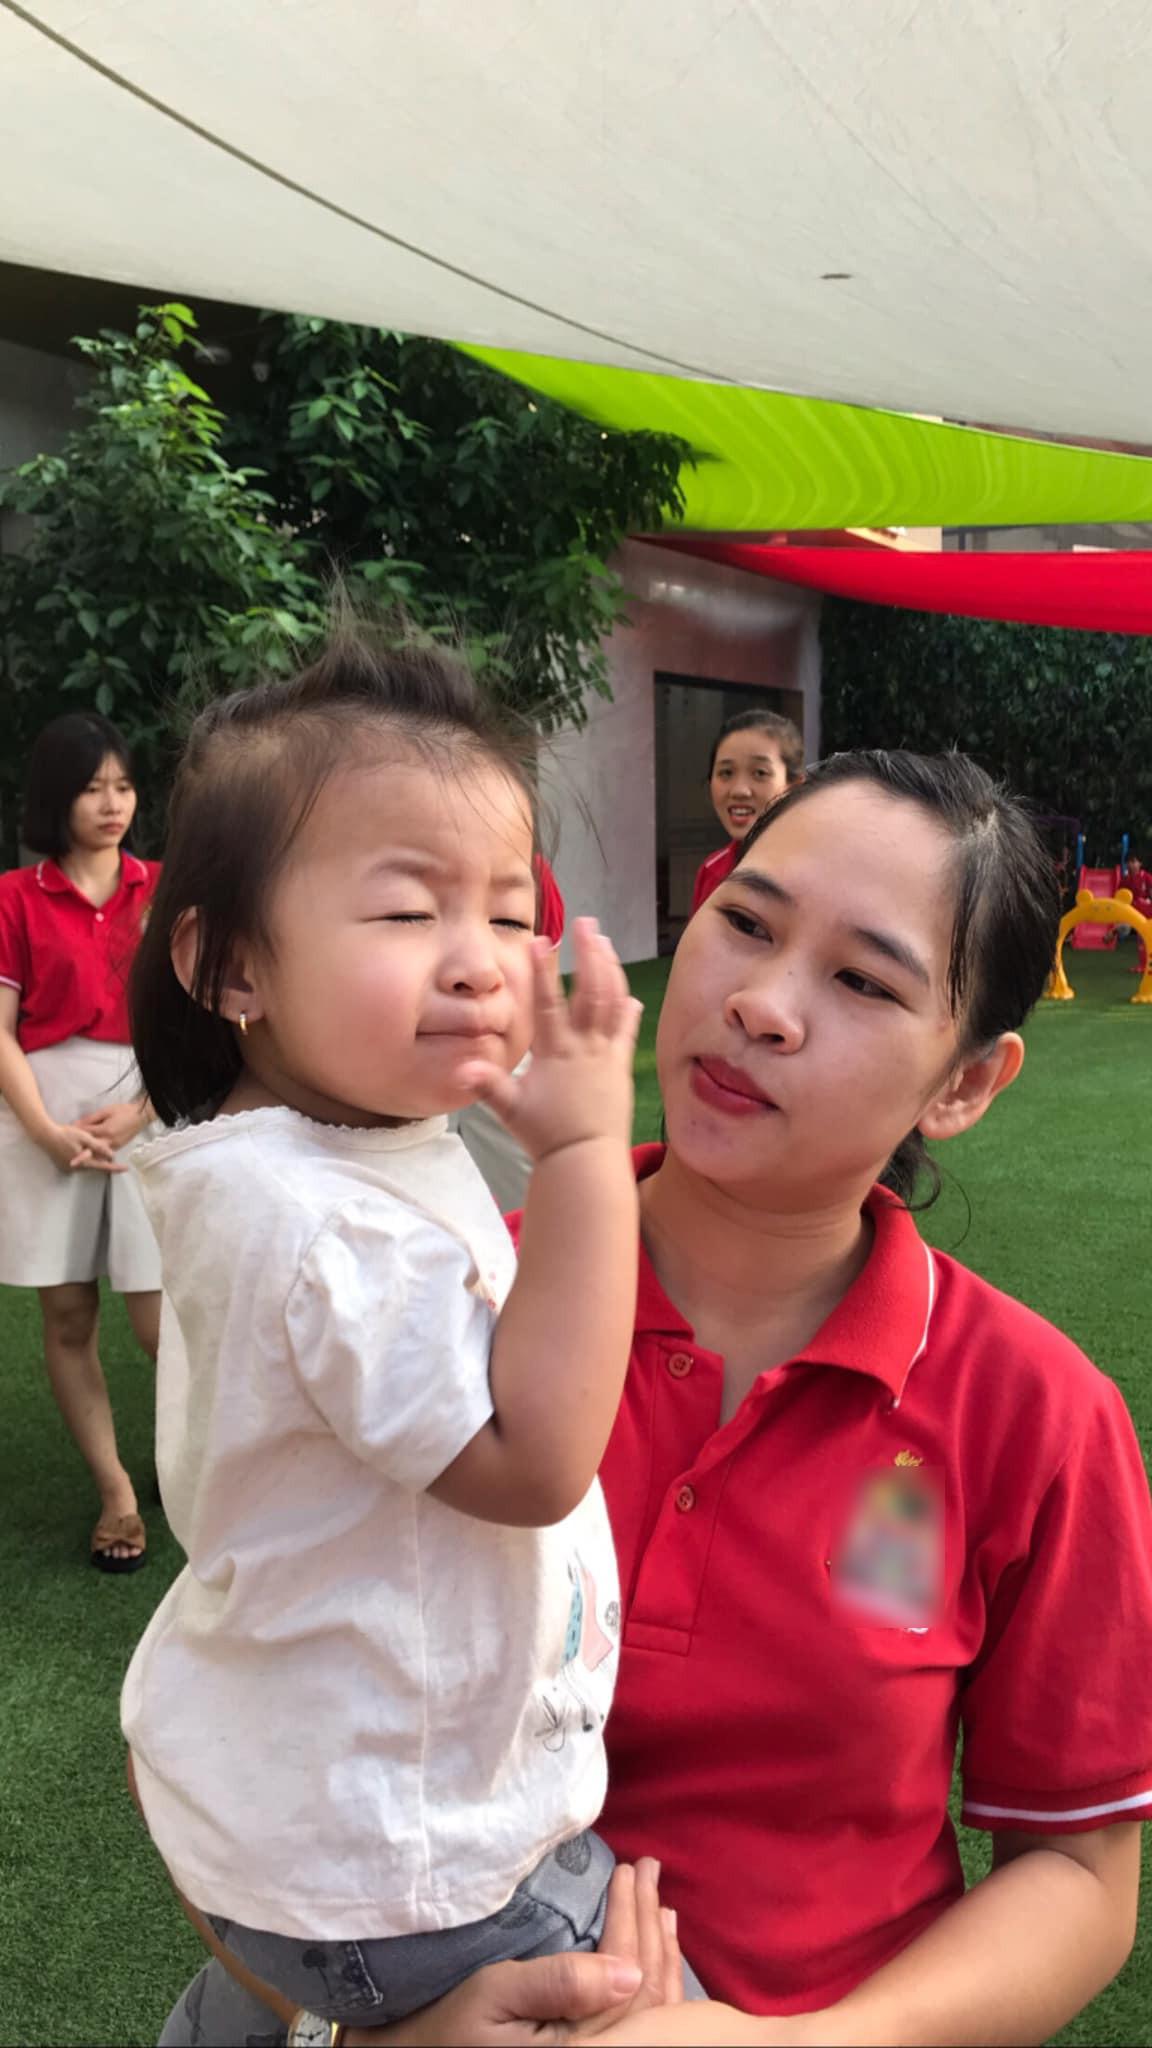 Đọ học phí trên trời của nhóc tỳ nhà sao Việt: Lam Trường, Lệ Quyên chi trăm triệu mỗi năm nhưng choáng nhất là Hồng Nhung-2